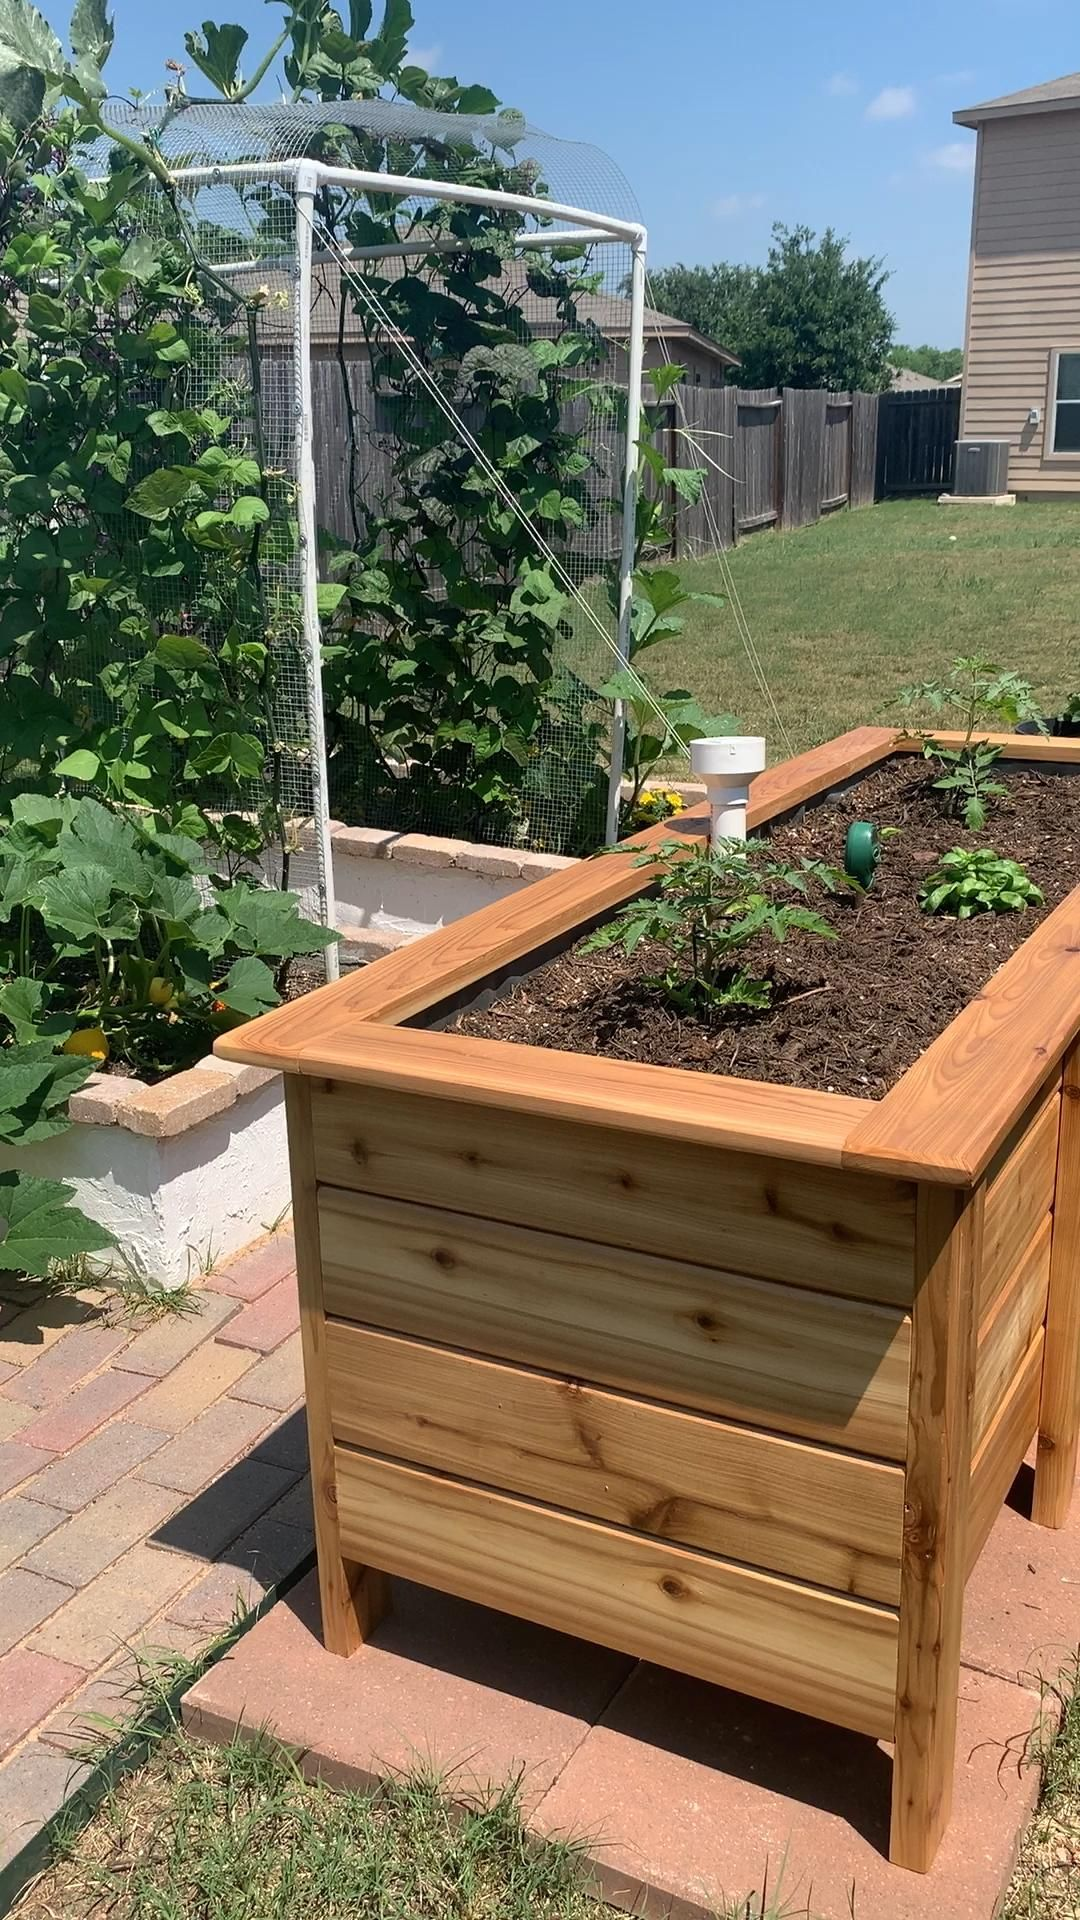 New Sub-Irrigated Garden Beds: Backyard Garden Update #2  #amenagementjardin #backyard #Beds #Garden